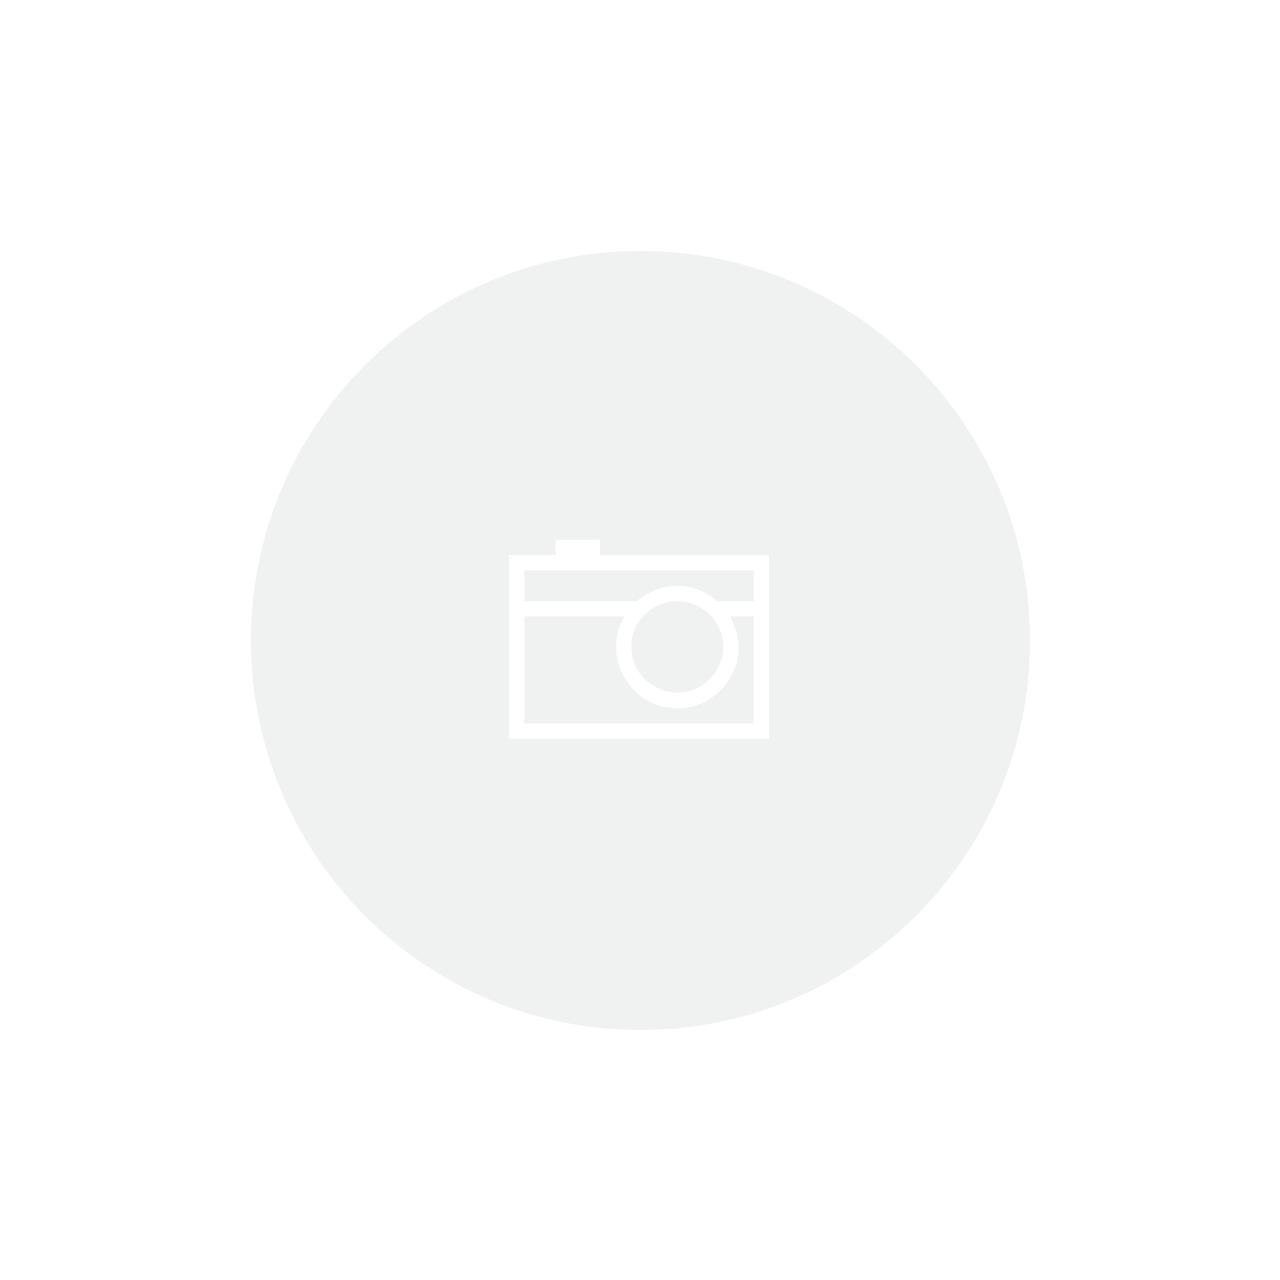 Domaine Galévan Côtes du Rhône Paroles de Femme 2015